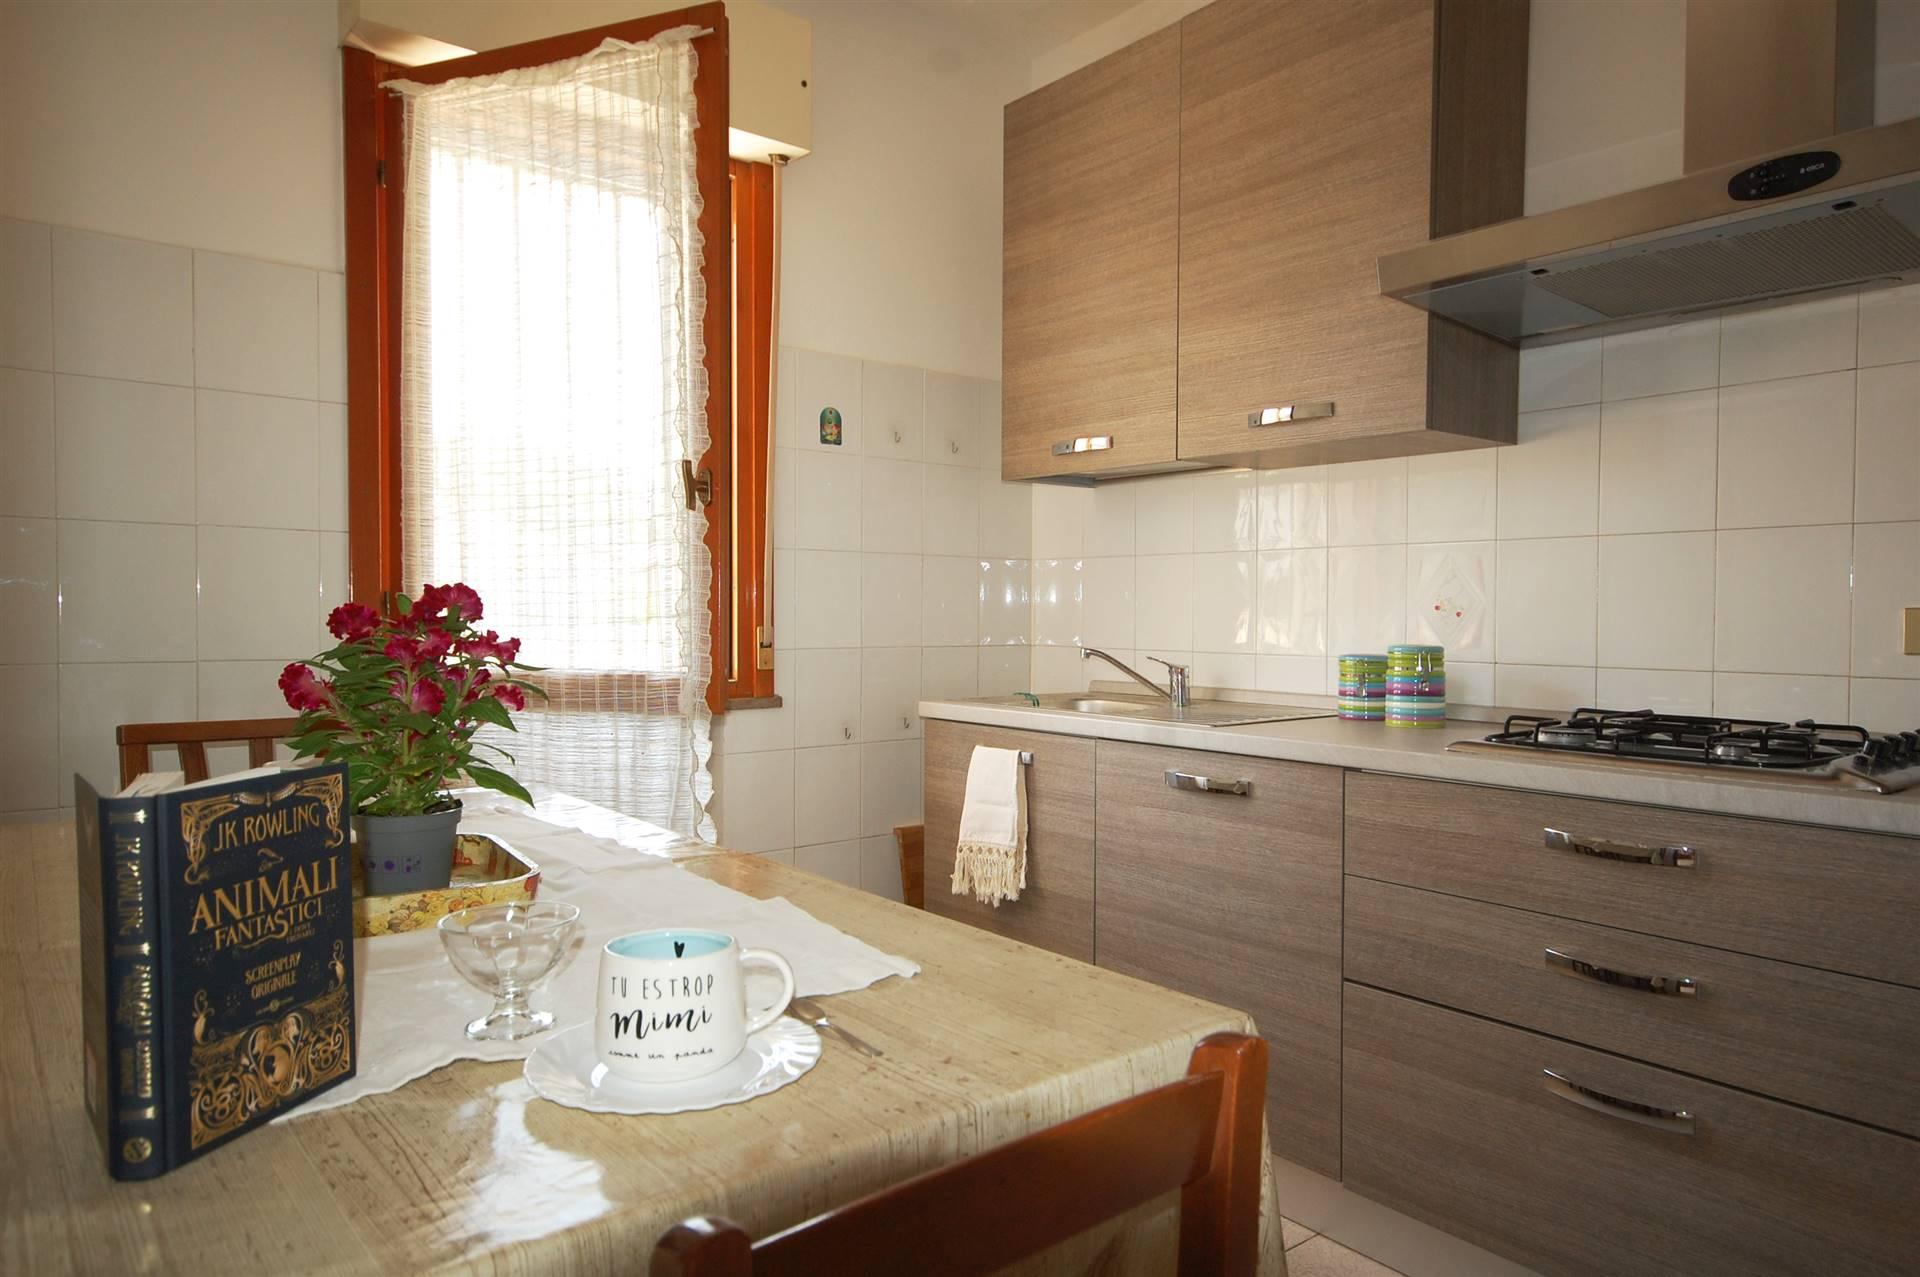 vendita immobile rif. 1170 - GATTEO